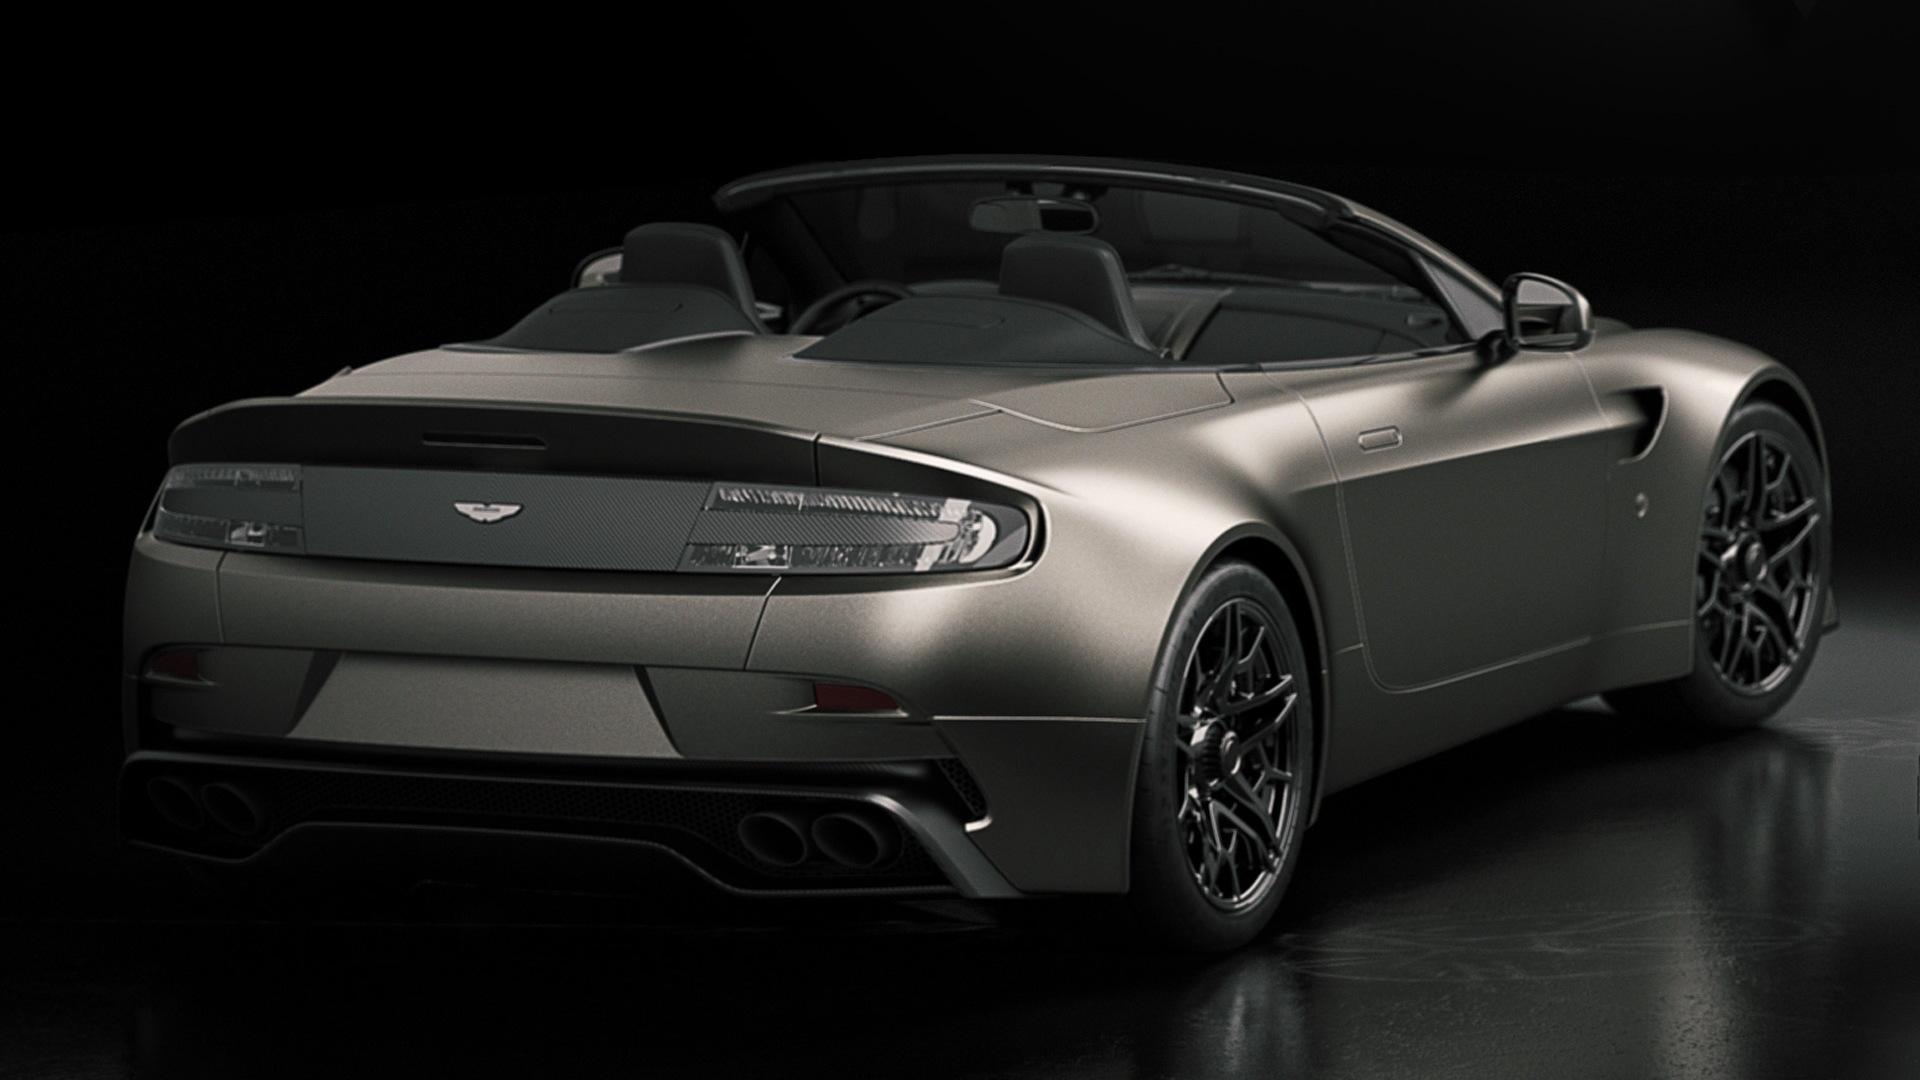 2018 Aston Martin V12 Vantage V600 Volante